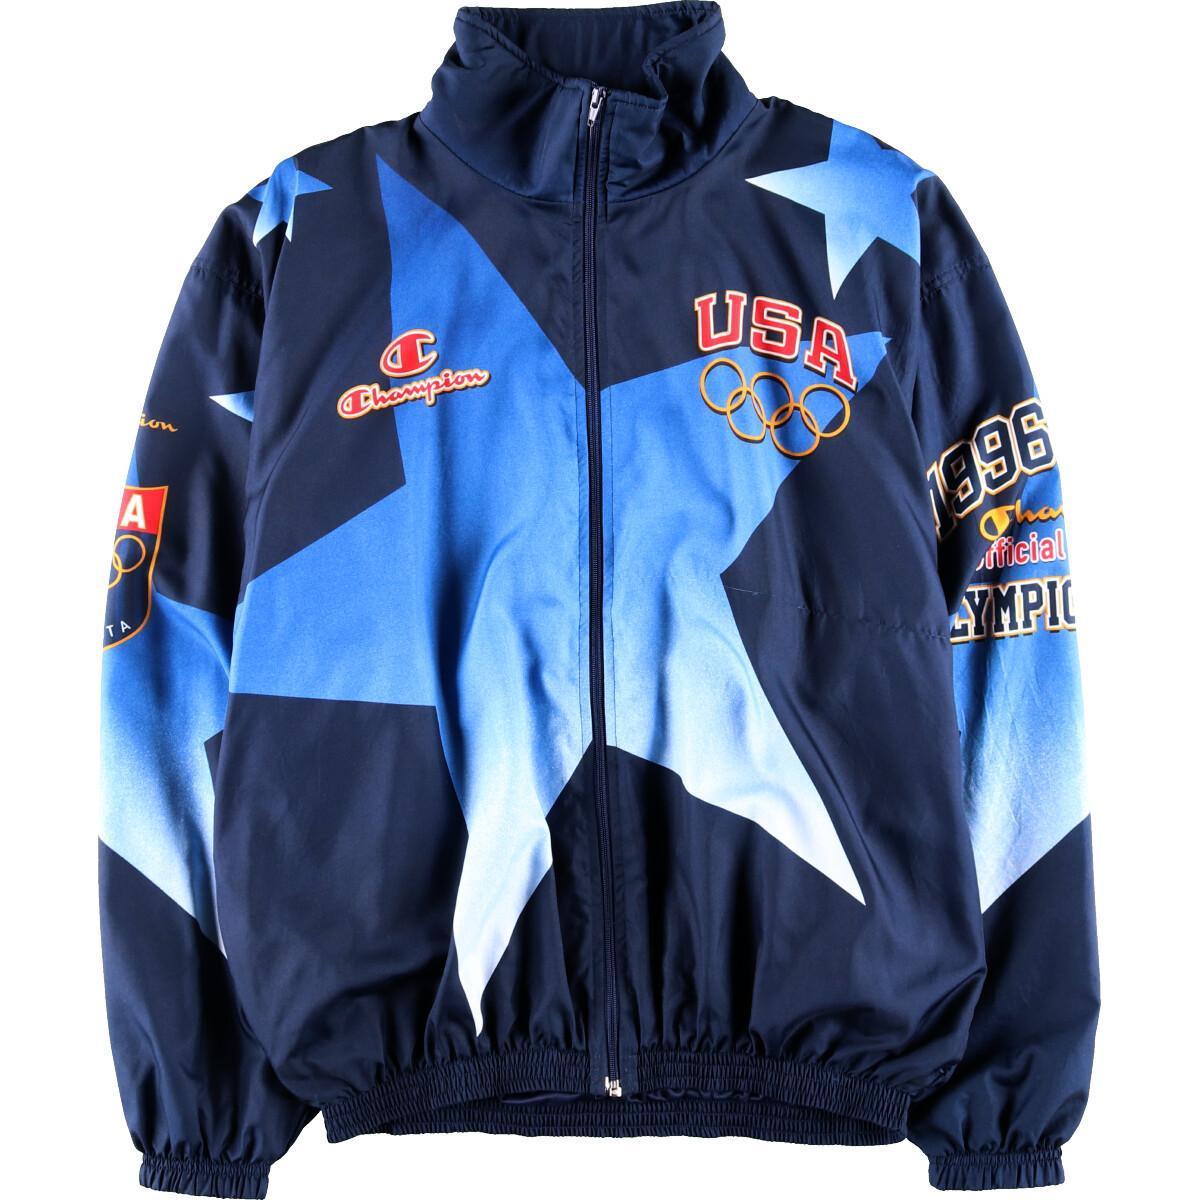 90年代 チャンピオン Champion アトランタオリンピック チームUSA 1996 ウインドブレーカー メンズXXL /wbh6487 【中古】 【191017】【VTG】